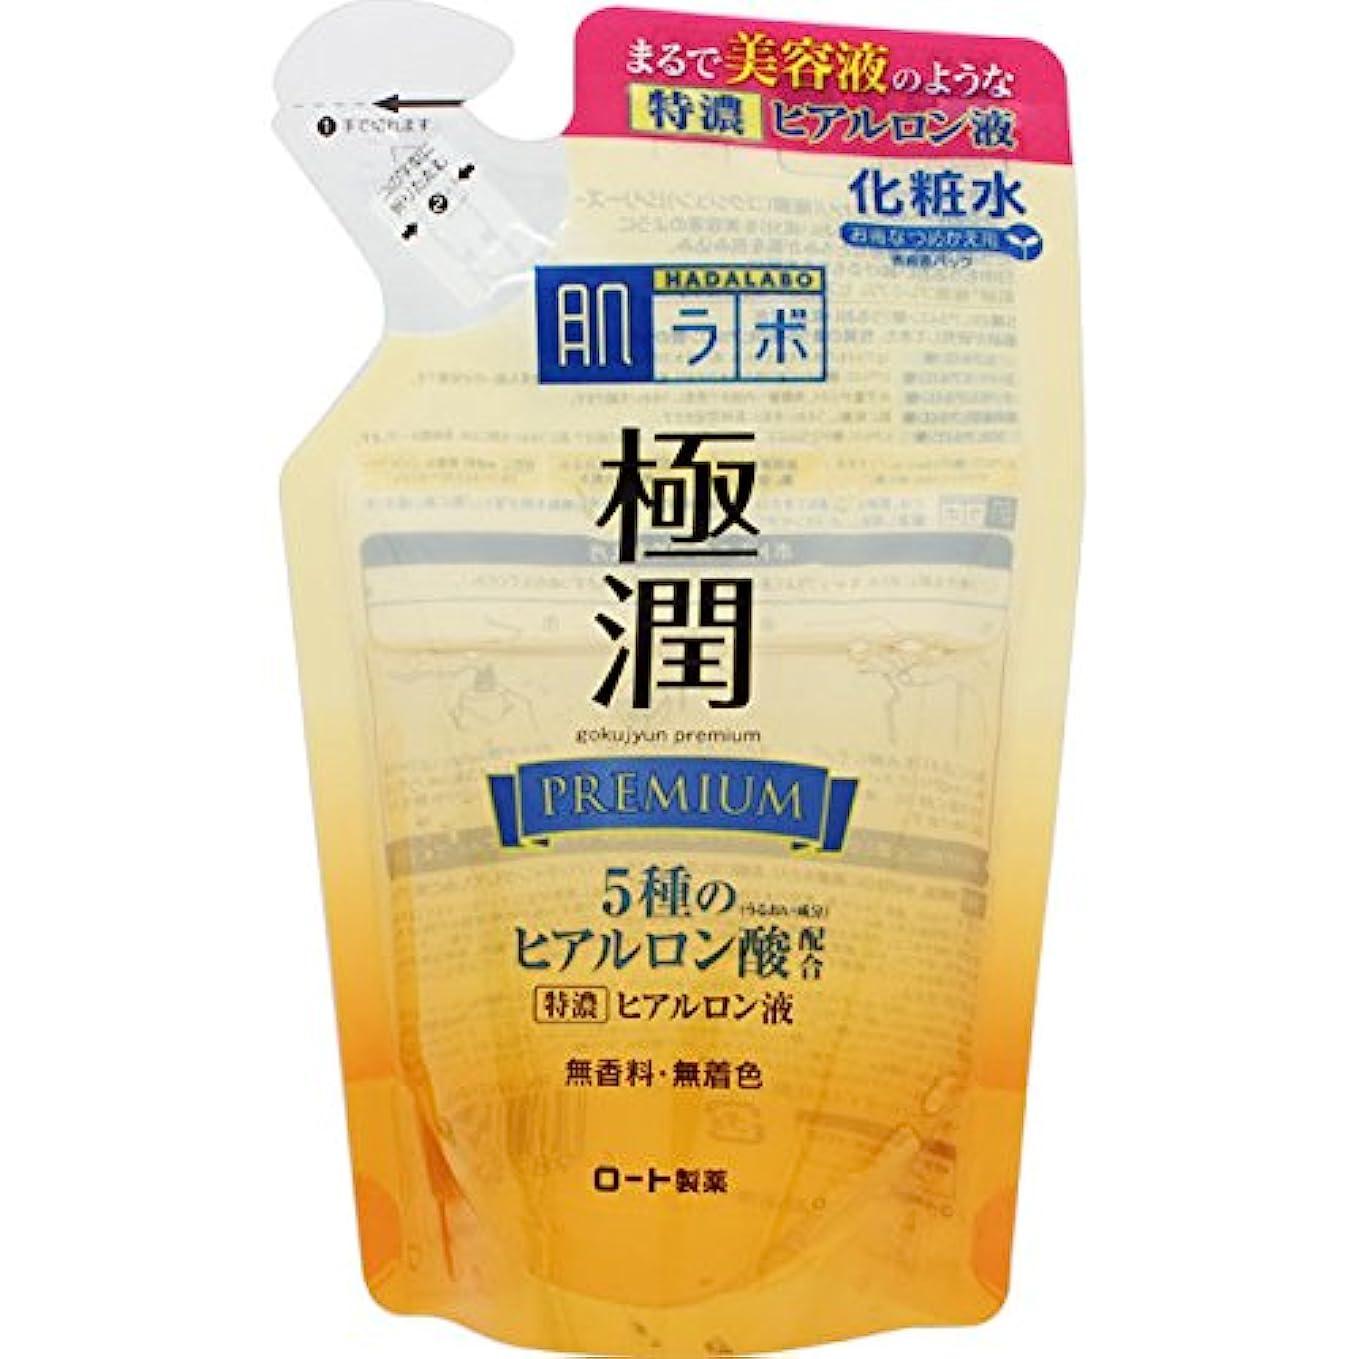 天年齢く肌ラボ 極潤プレミアム 特濃ヒアルロン液 ヒアルロン酸5種類×サクラン配合 詰替用 170mL